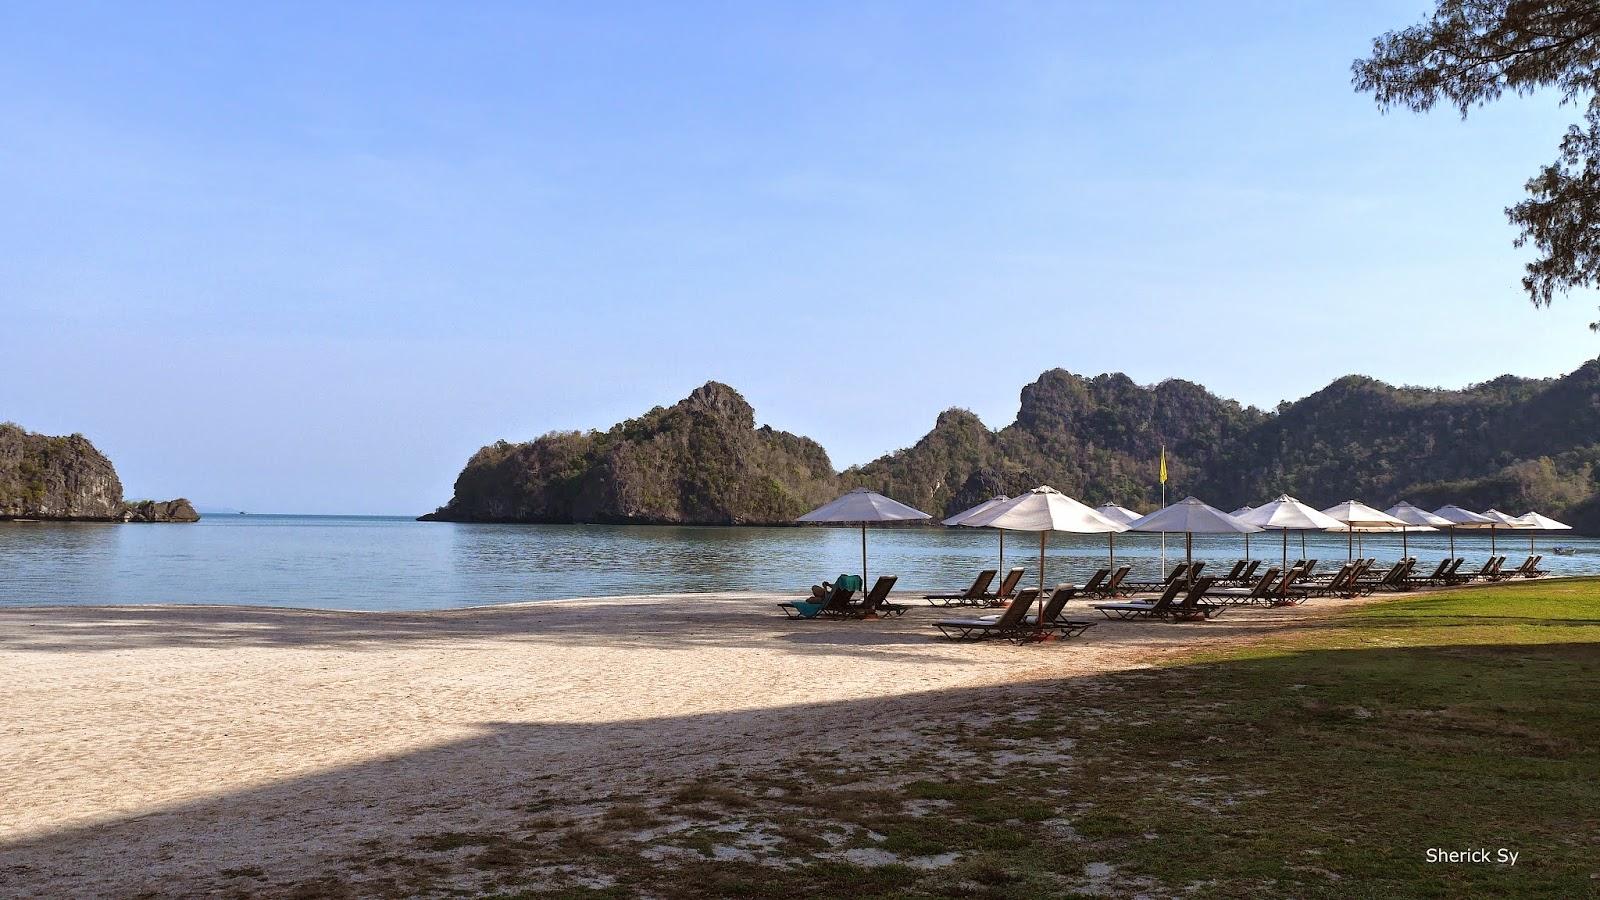 Summer in Tanjung Rhu Resort, Langkawi, Malaysia